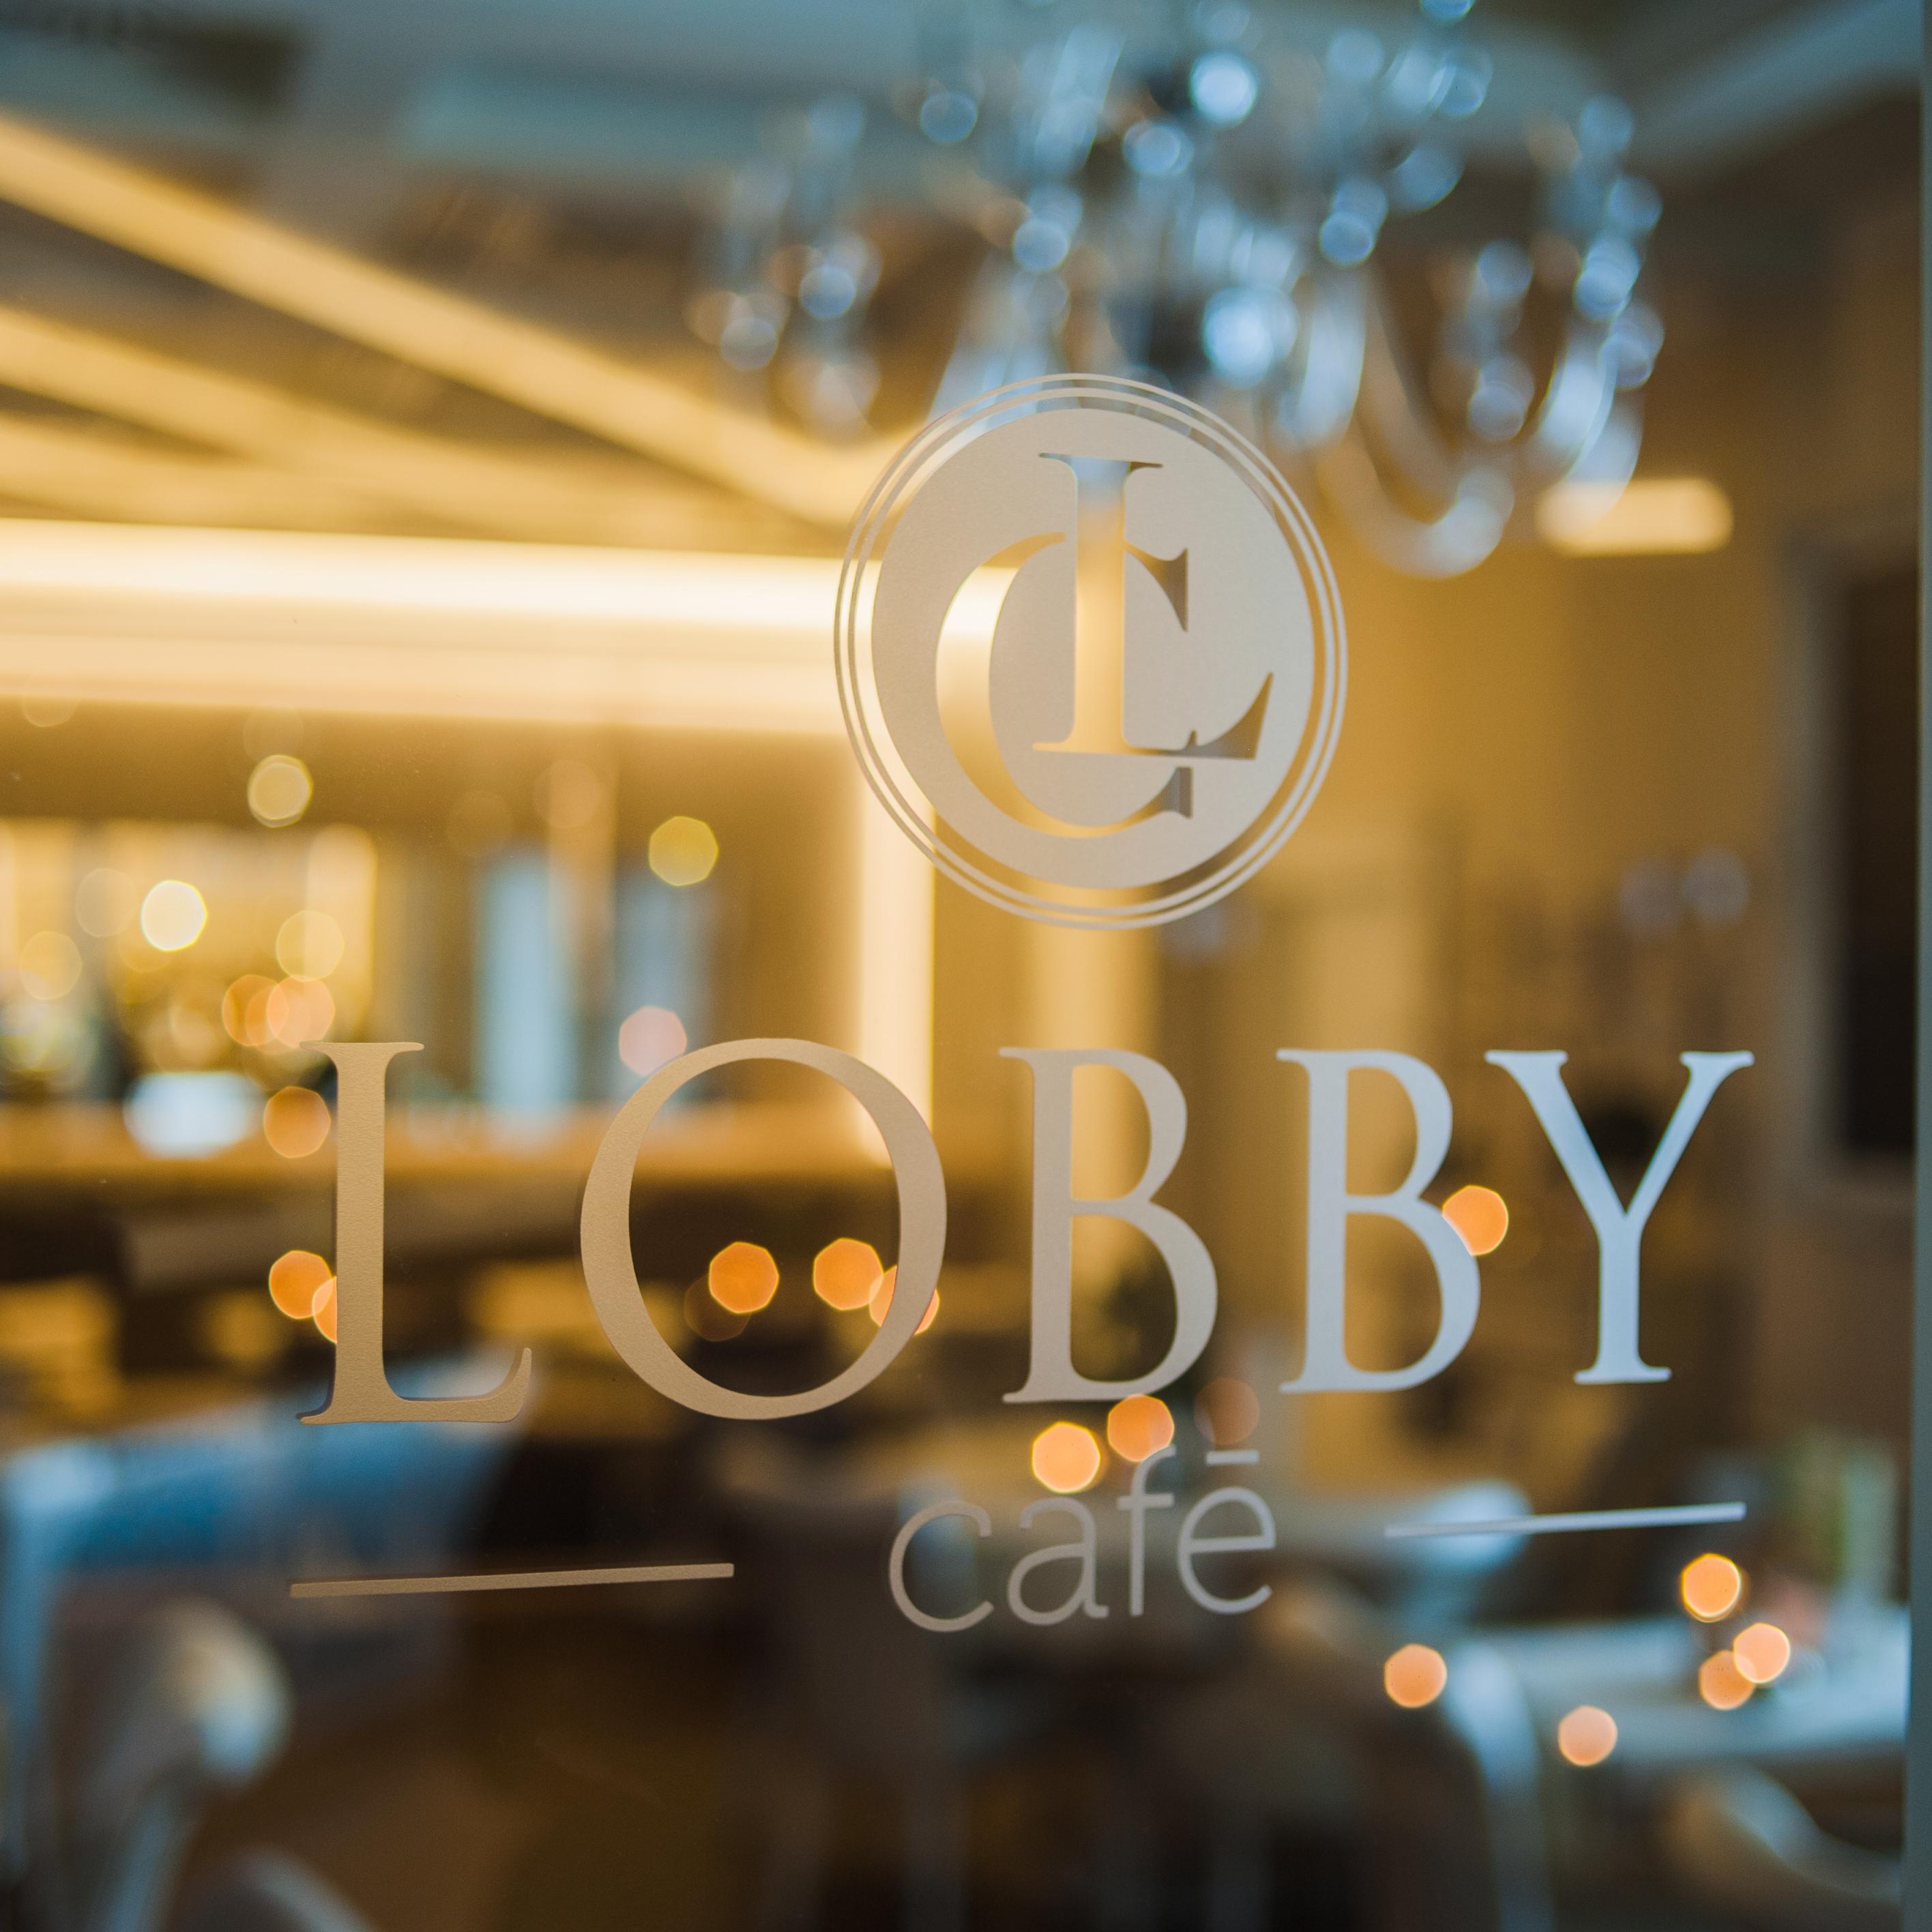 Lobby Café arculatterv, étlapterv, logóterv, kirakatterv